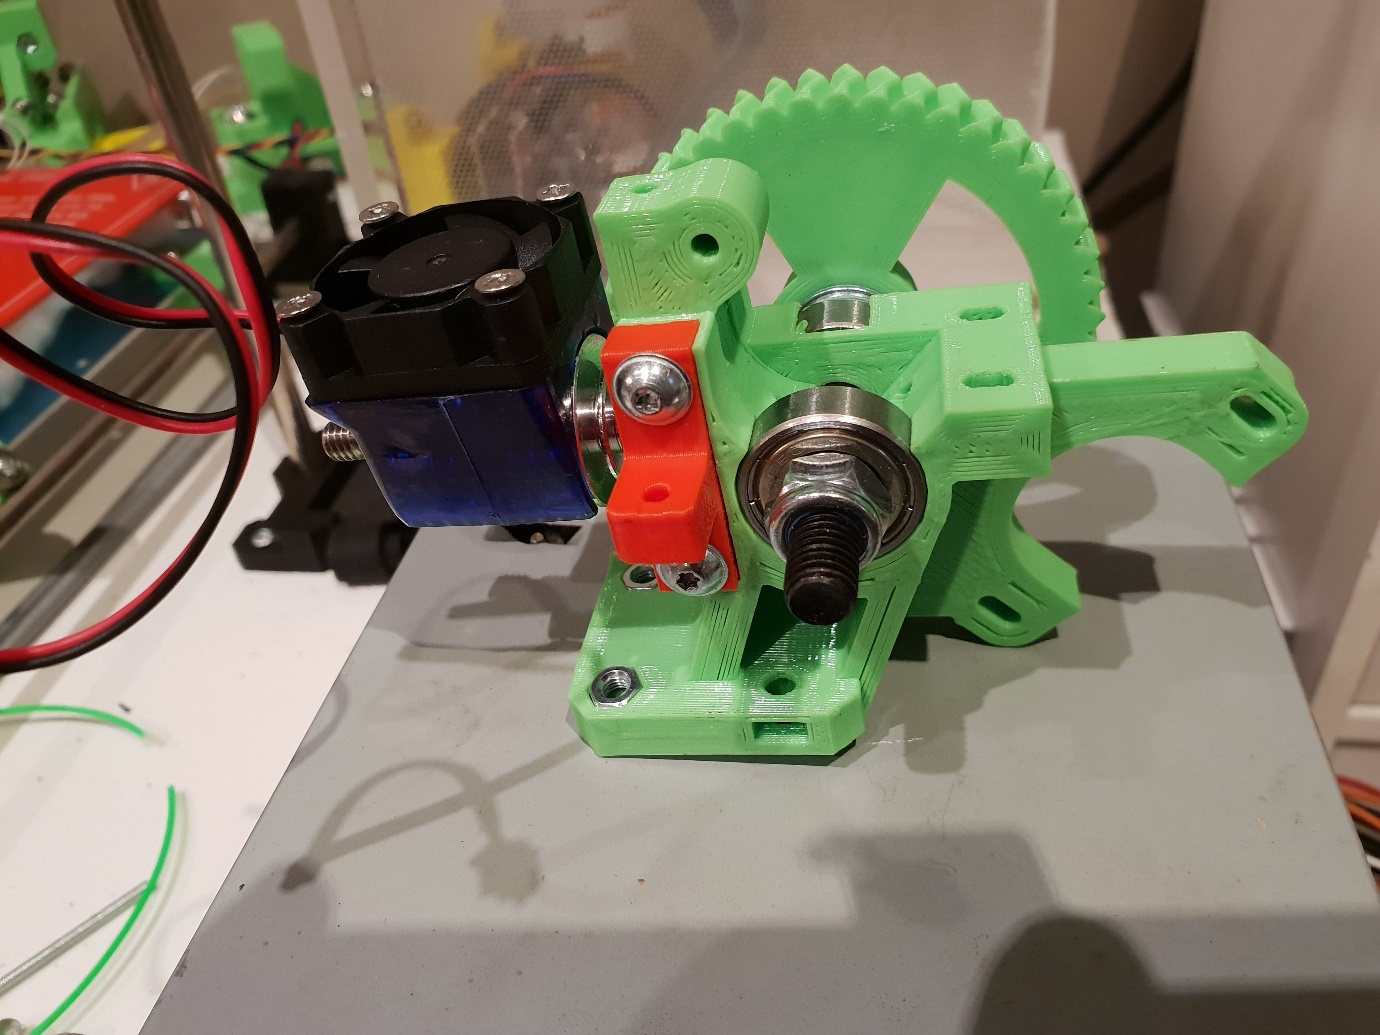 Blog > Bitsabot, a home-made 3D printer for less than $250AUD